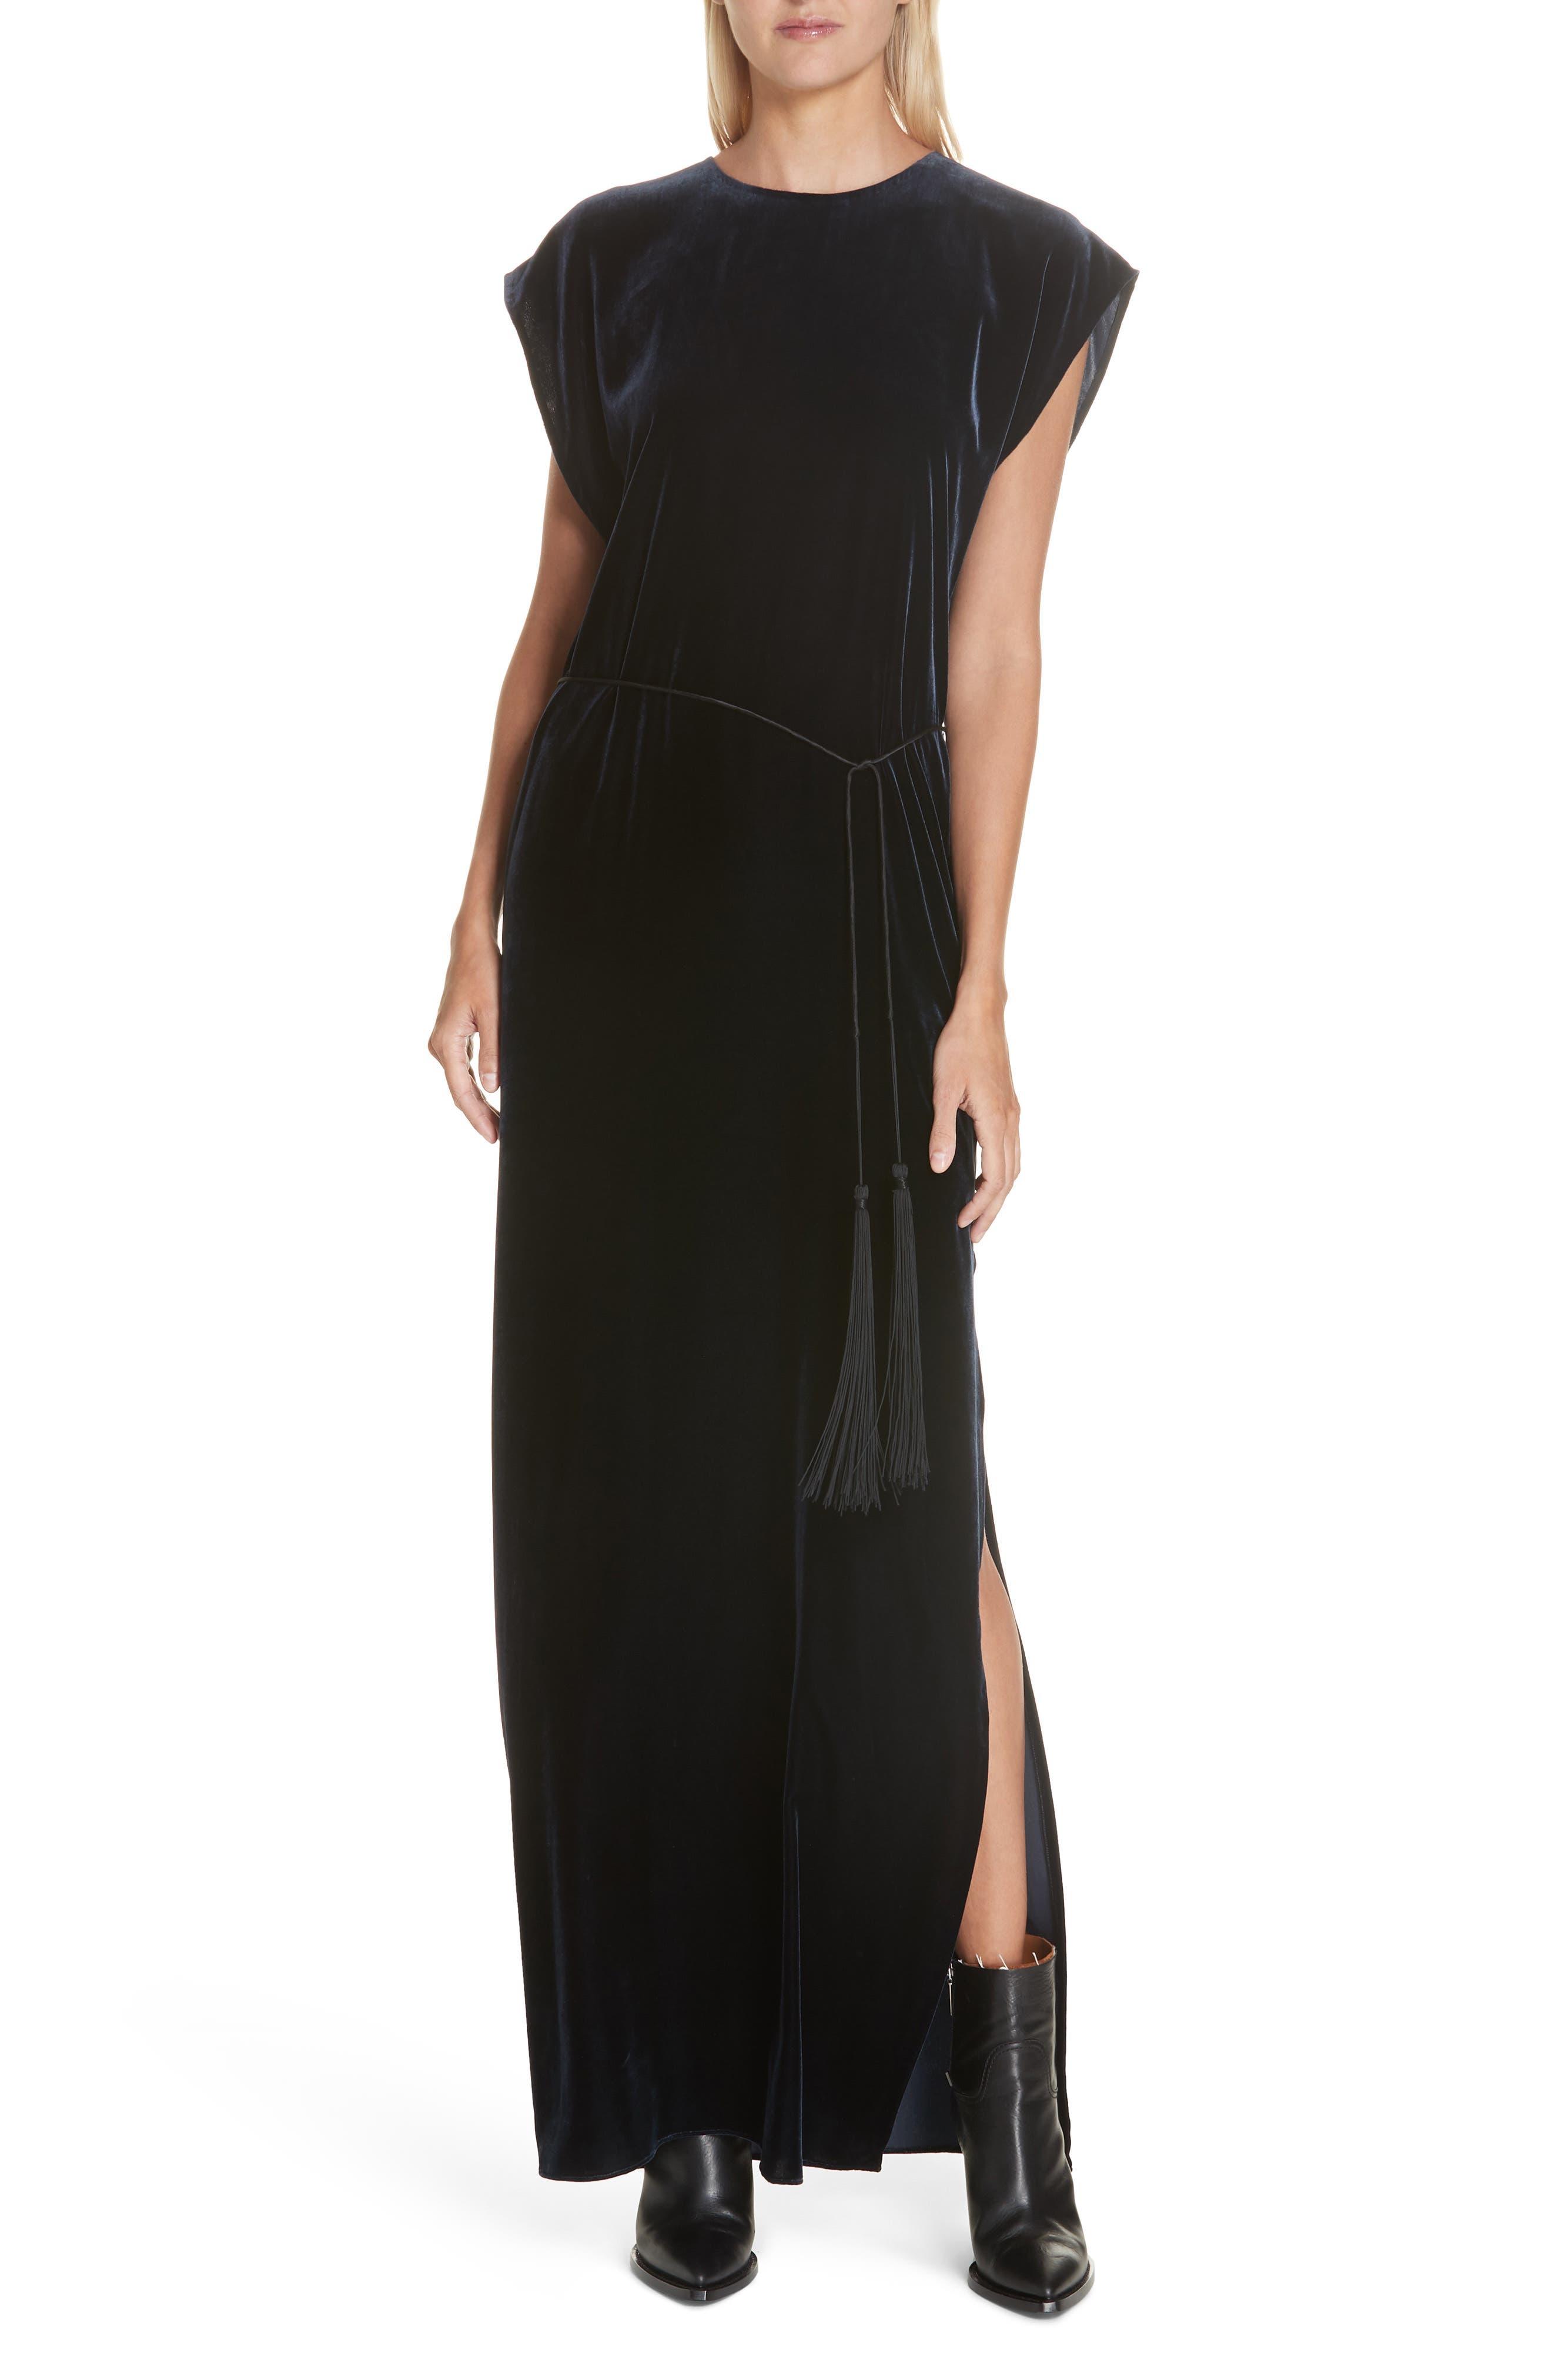 NILI LOTAN Lillian Velvet Dress, Main, color, DARK NAVY